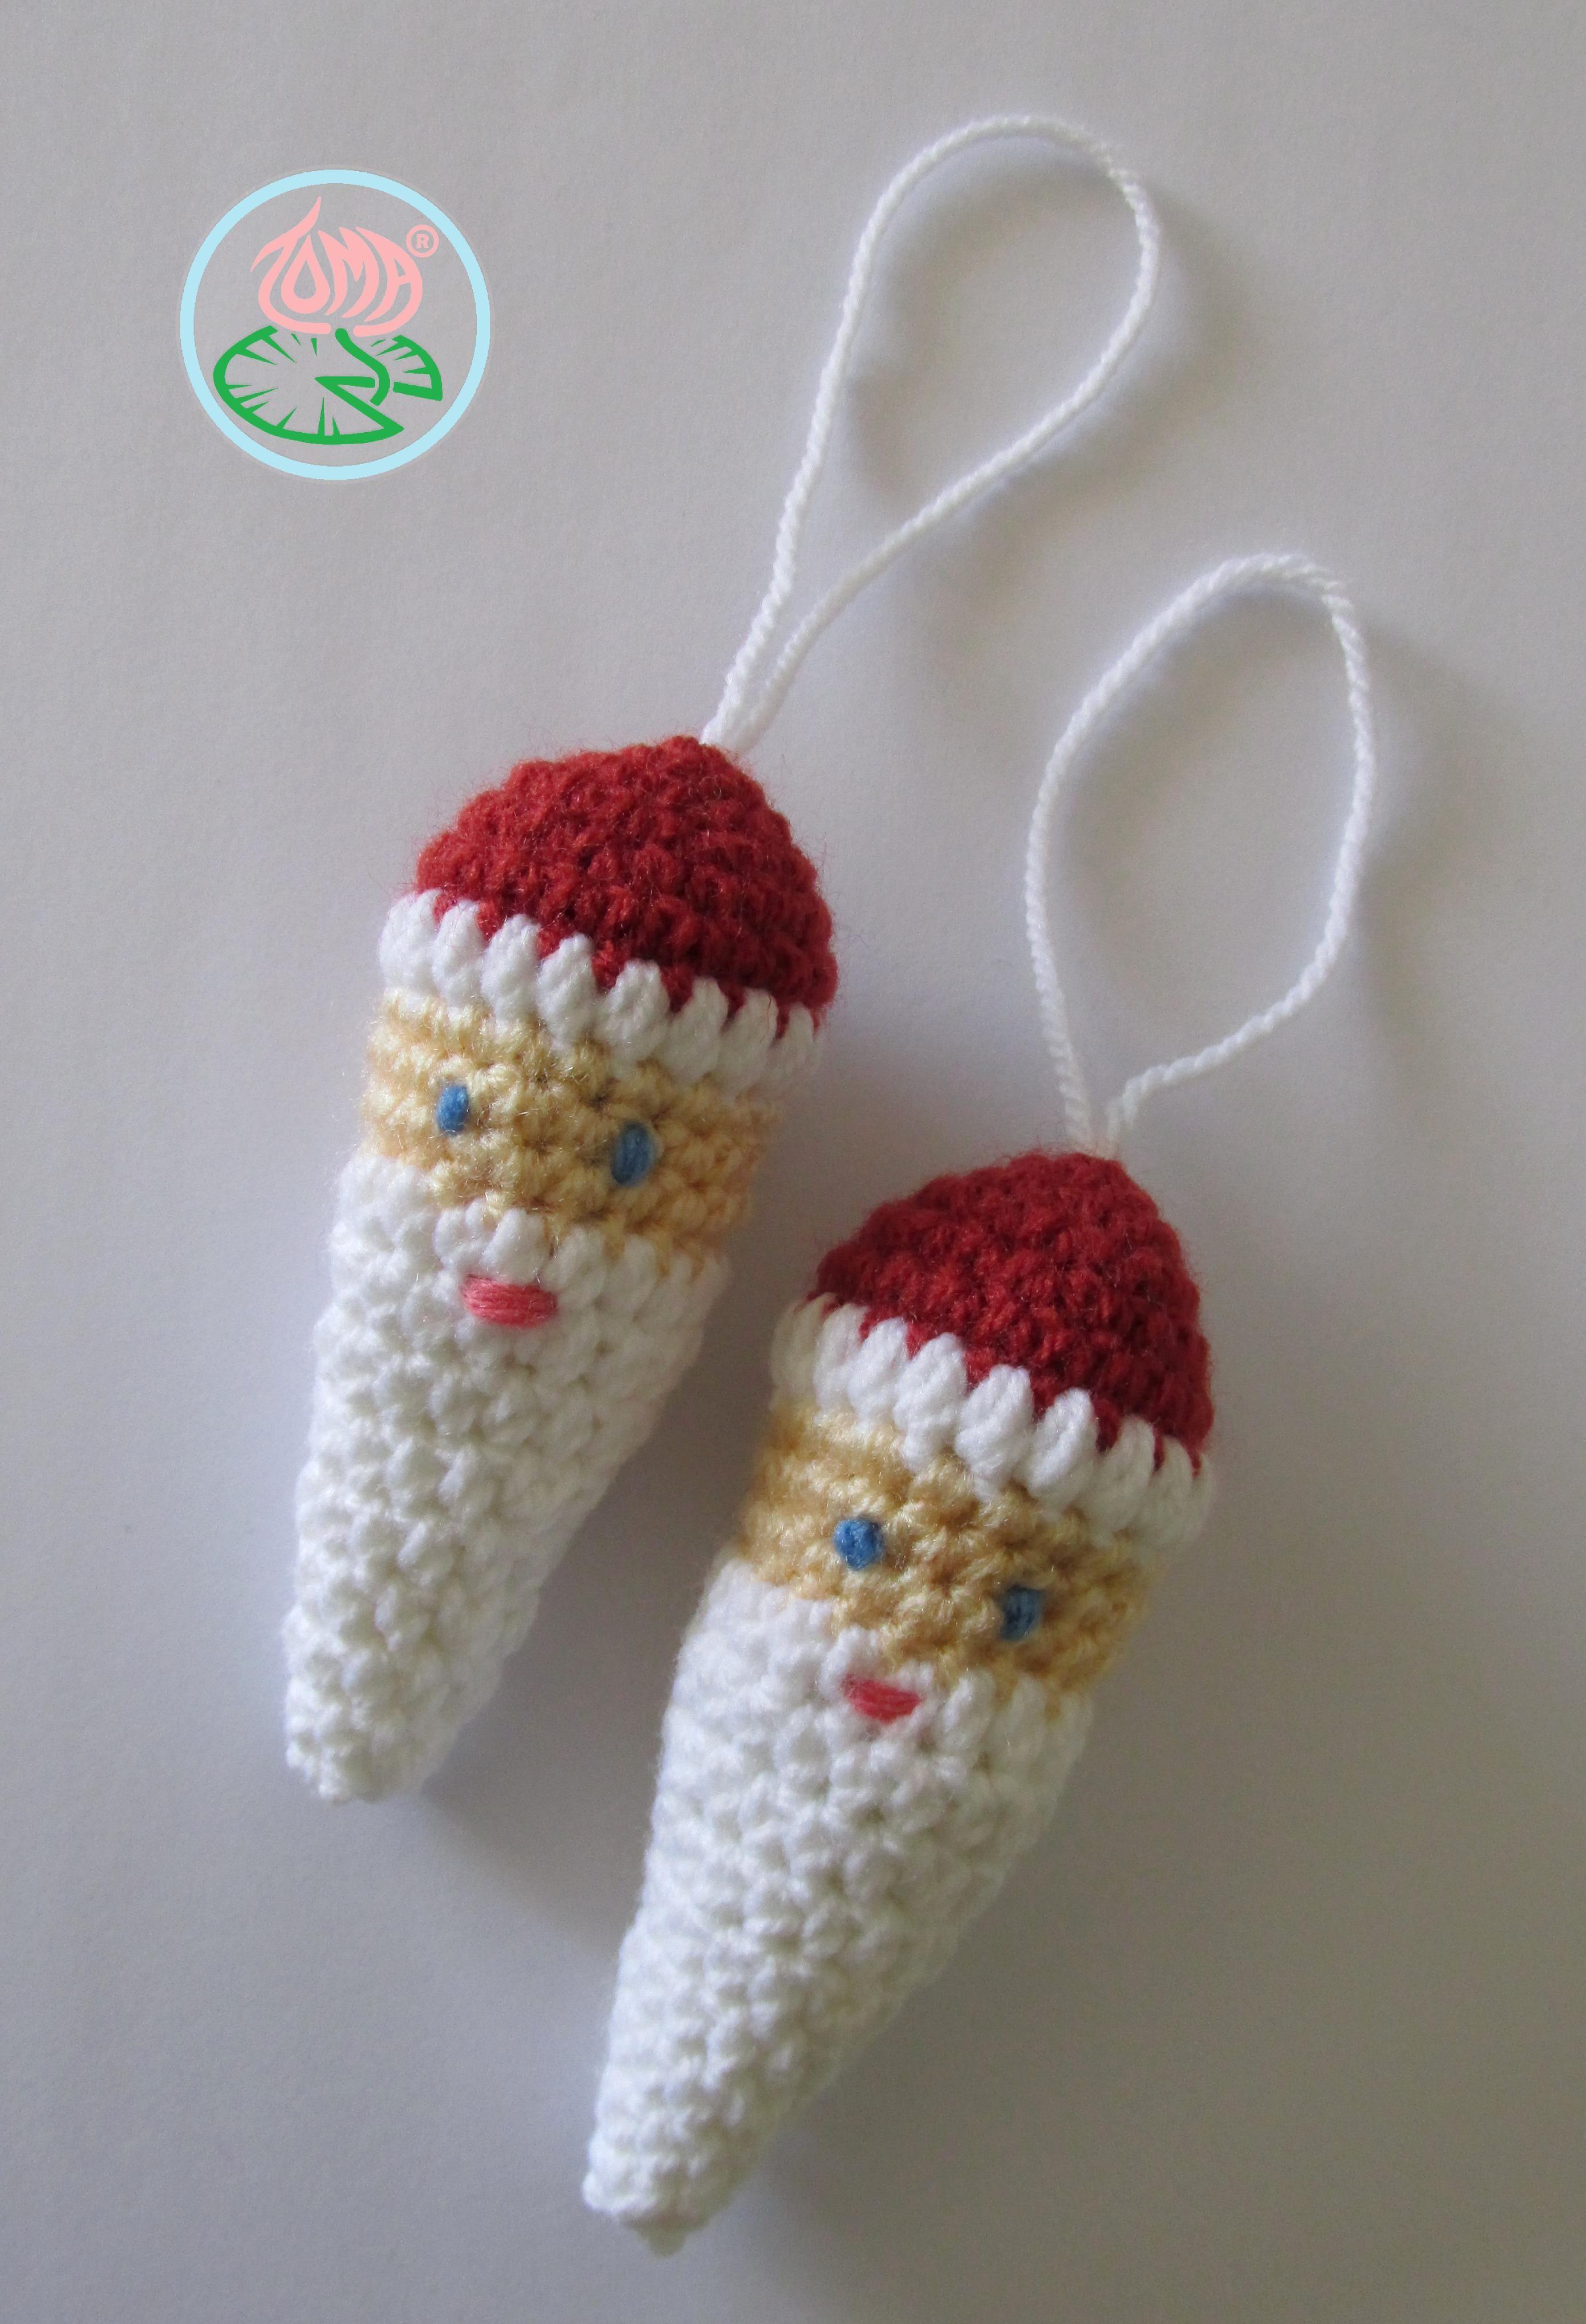 Free Pattern: Amigurumi Santa Claus Ornament | weihnachtliche ...